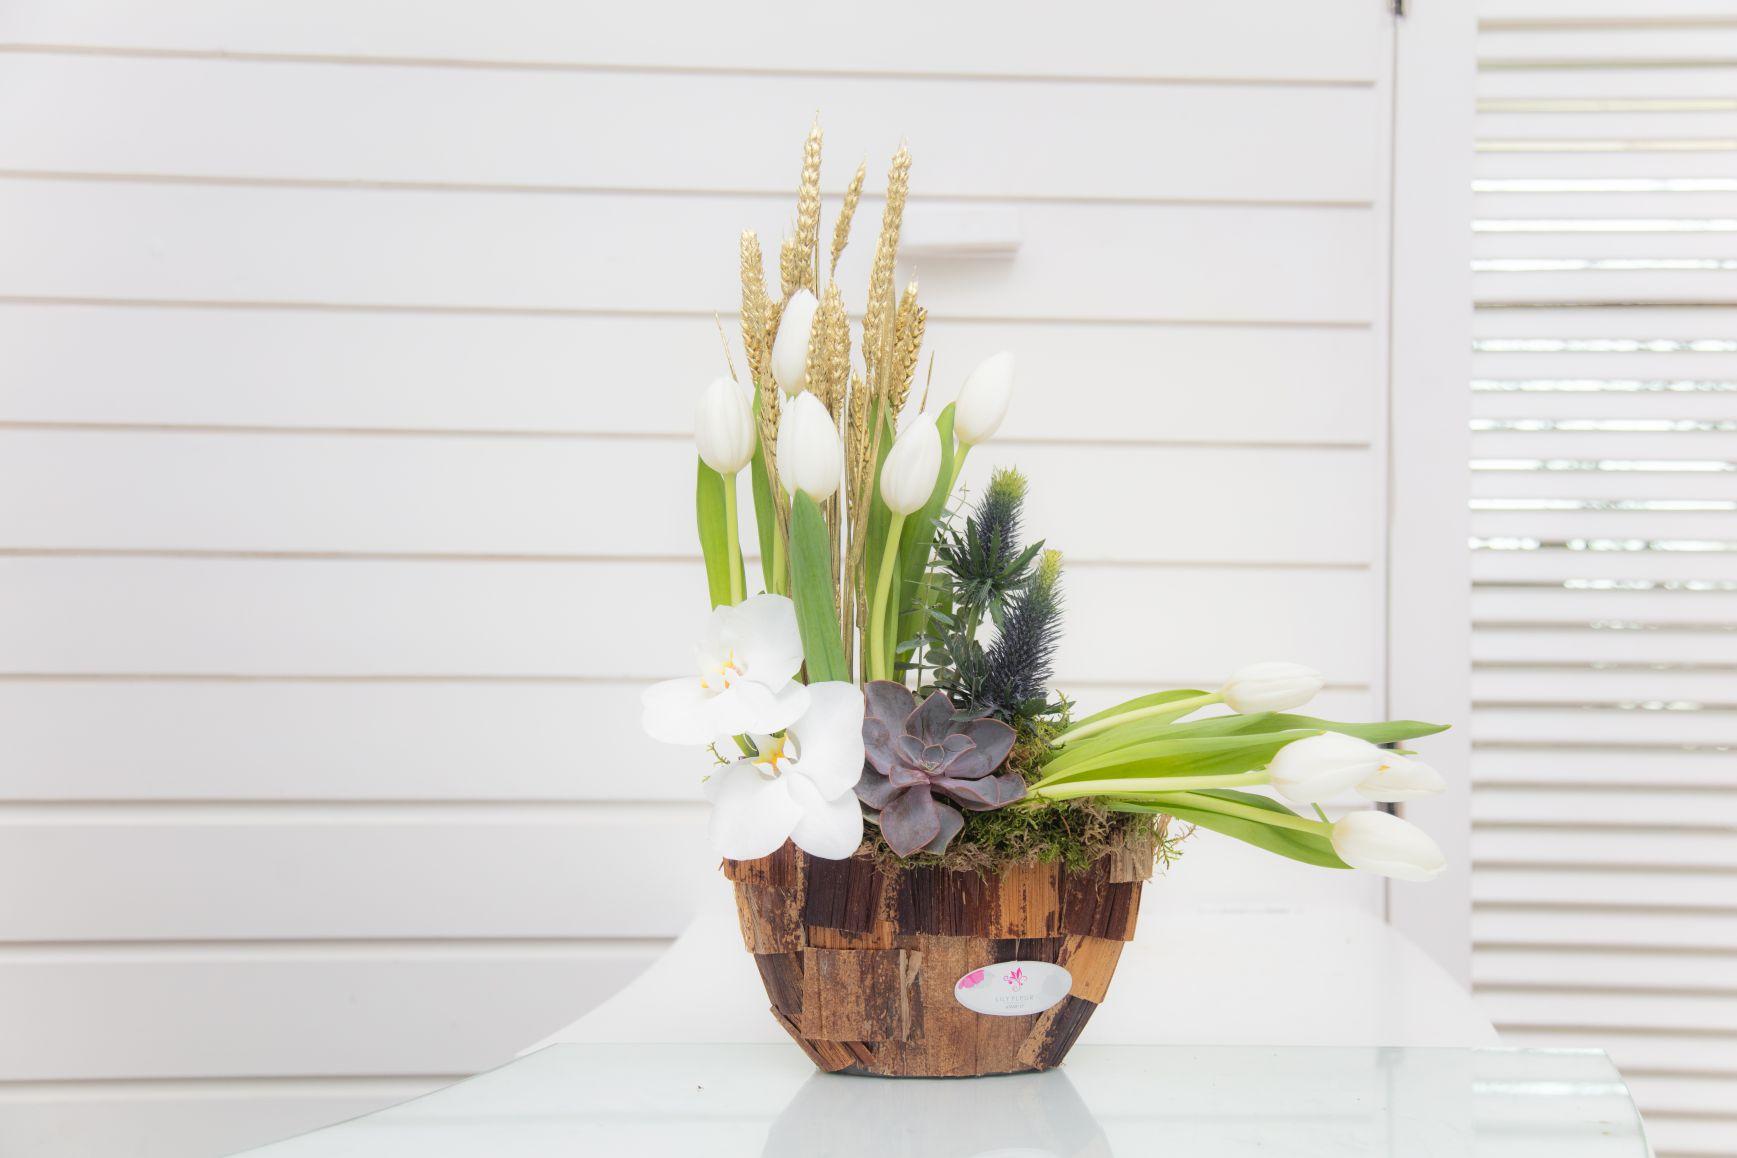 جمال الصيف زهور مع قاعدة